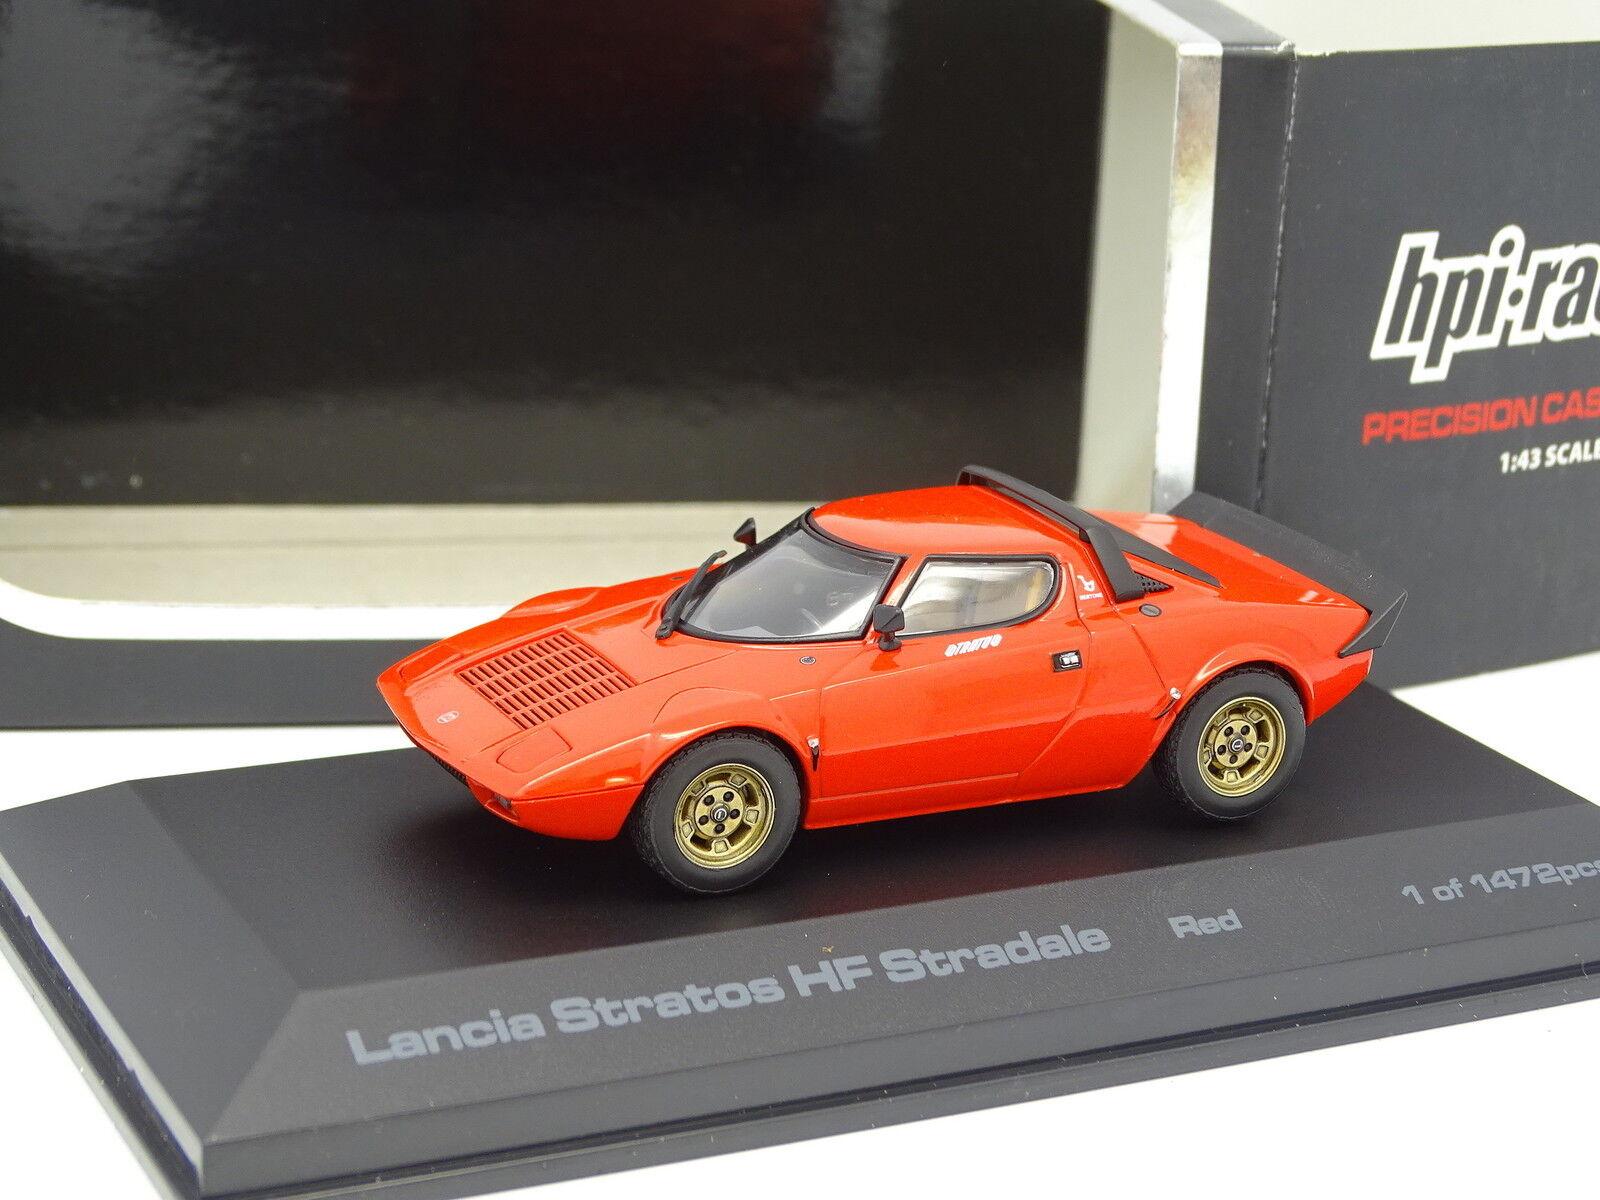 HPI Carreras 1 1 1 43 - Lancia Stratos HF red 62a86b